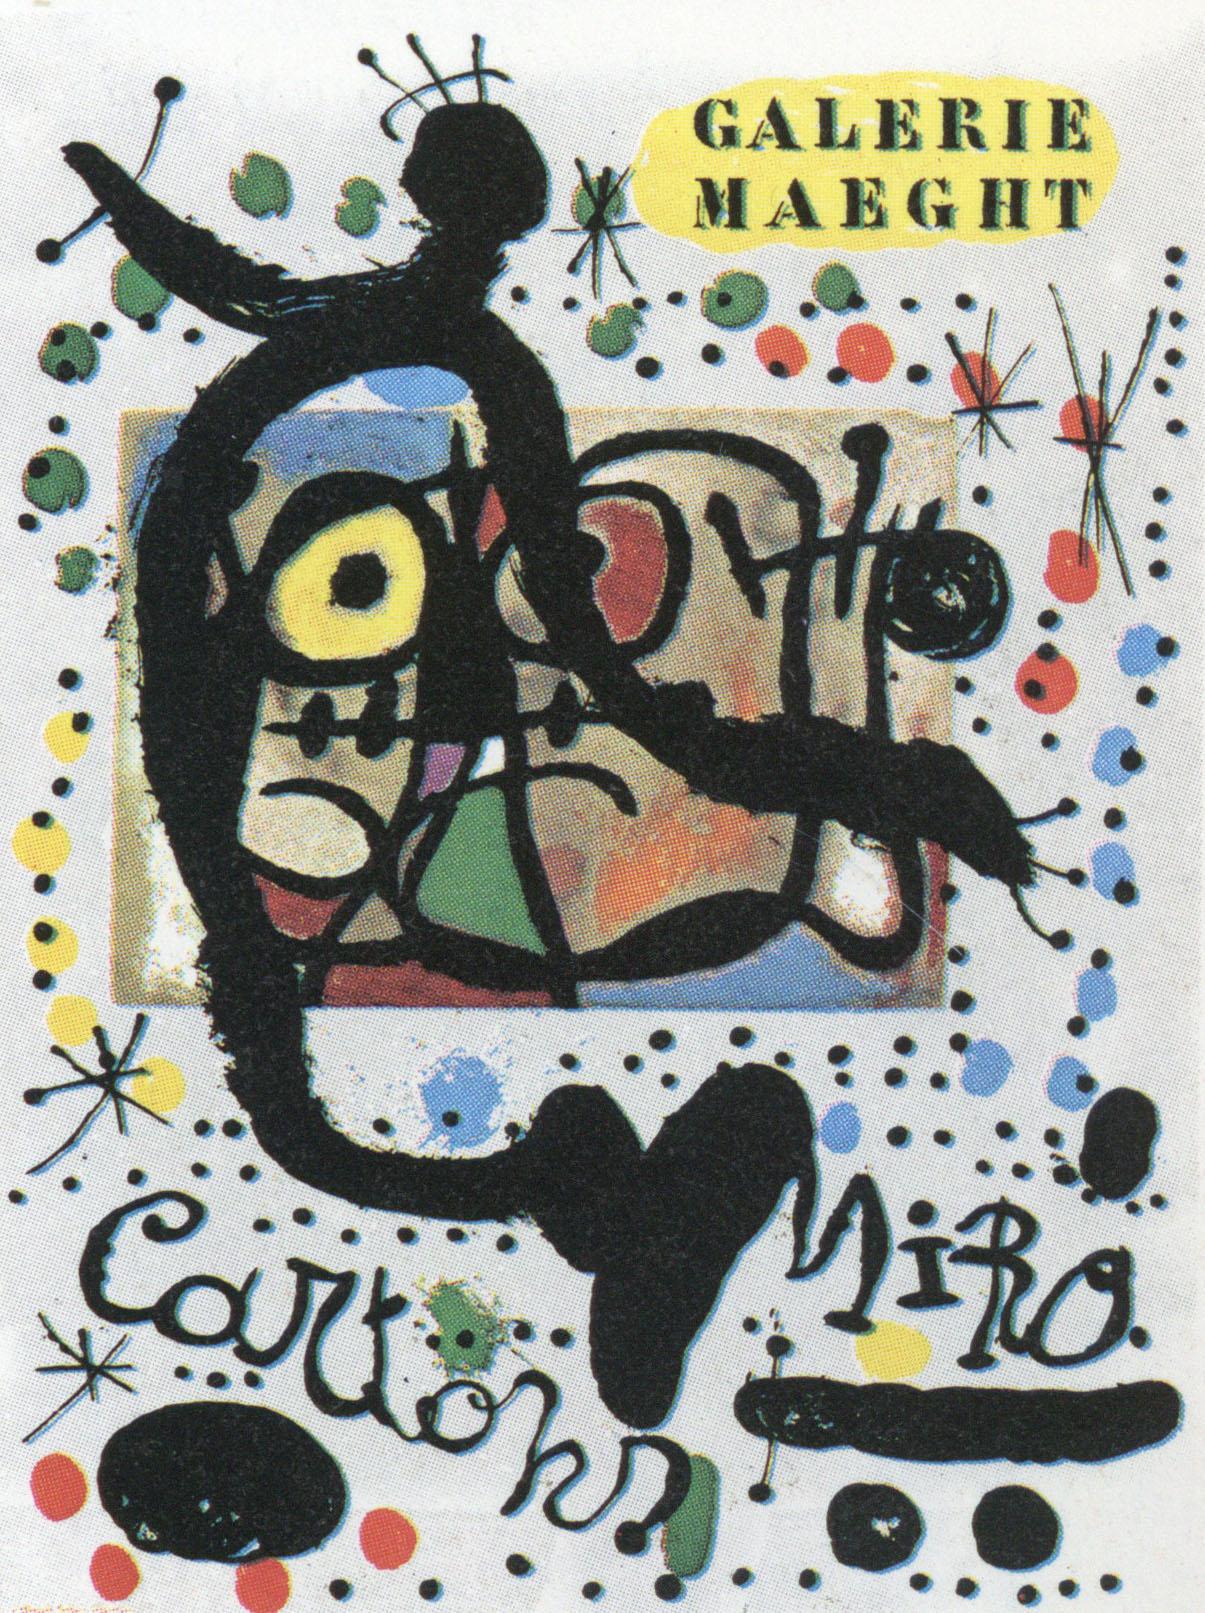 ジョアン・ミロ ポスター「Cartons」 /Joan Miro